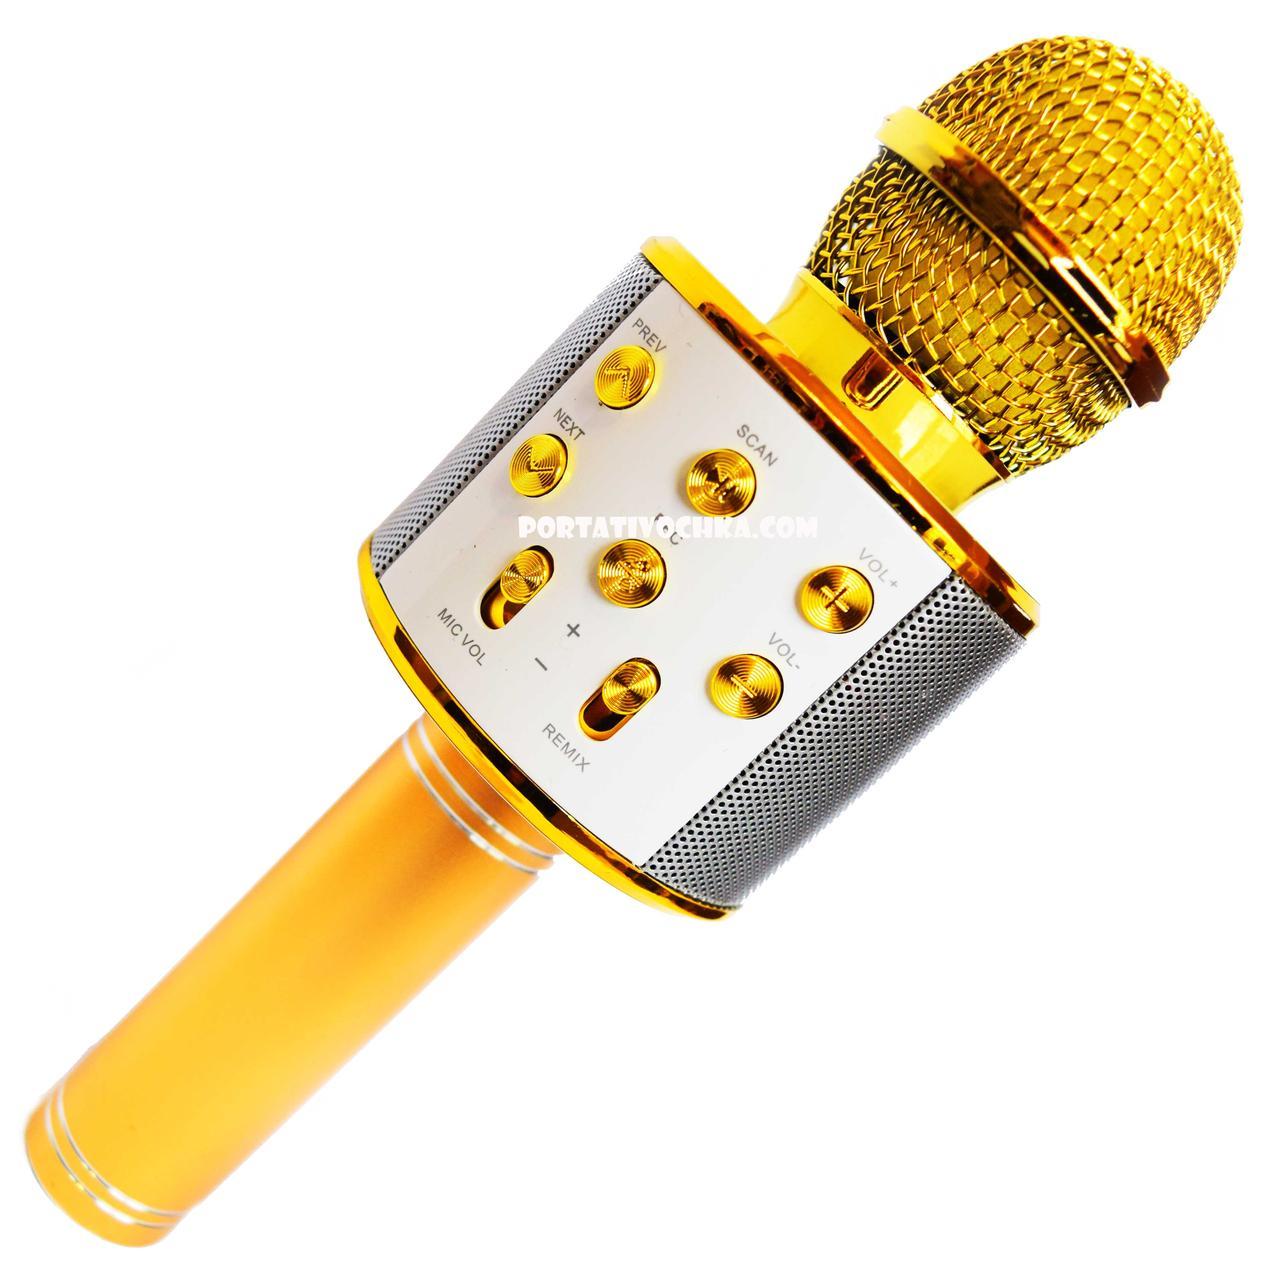 Микрофон Караоке Wester WS-858 беспроводная портативная колонка